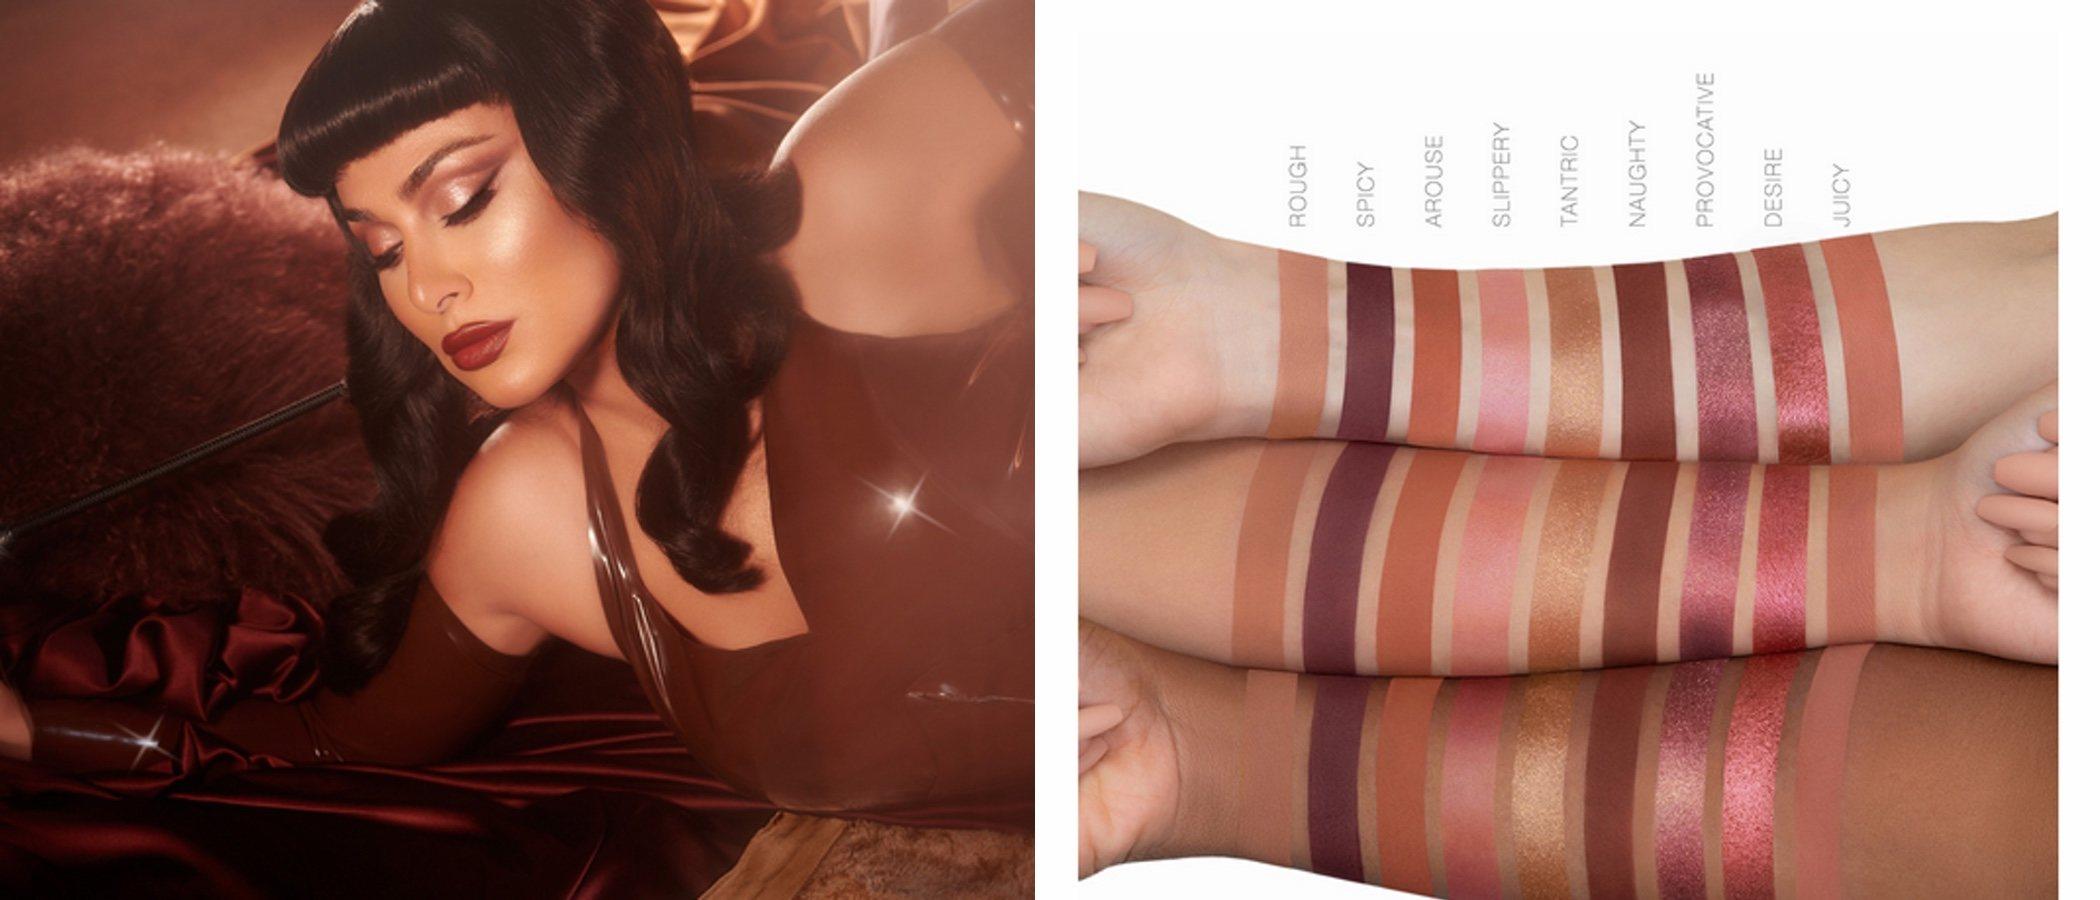 Huda Beauty lanza su nueva paleta de sombras de ojos 'La Naughty Nude'